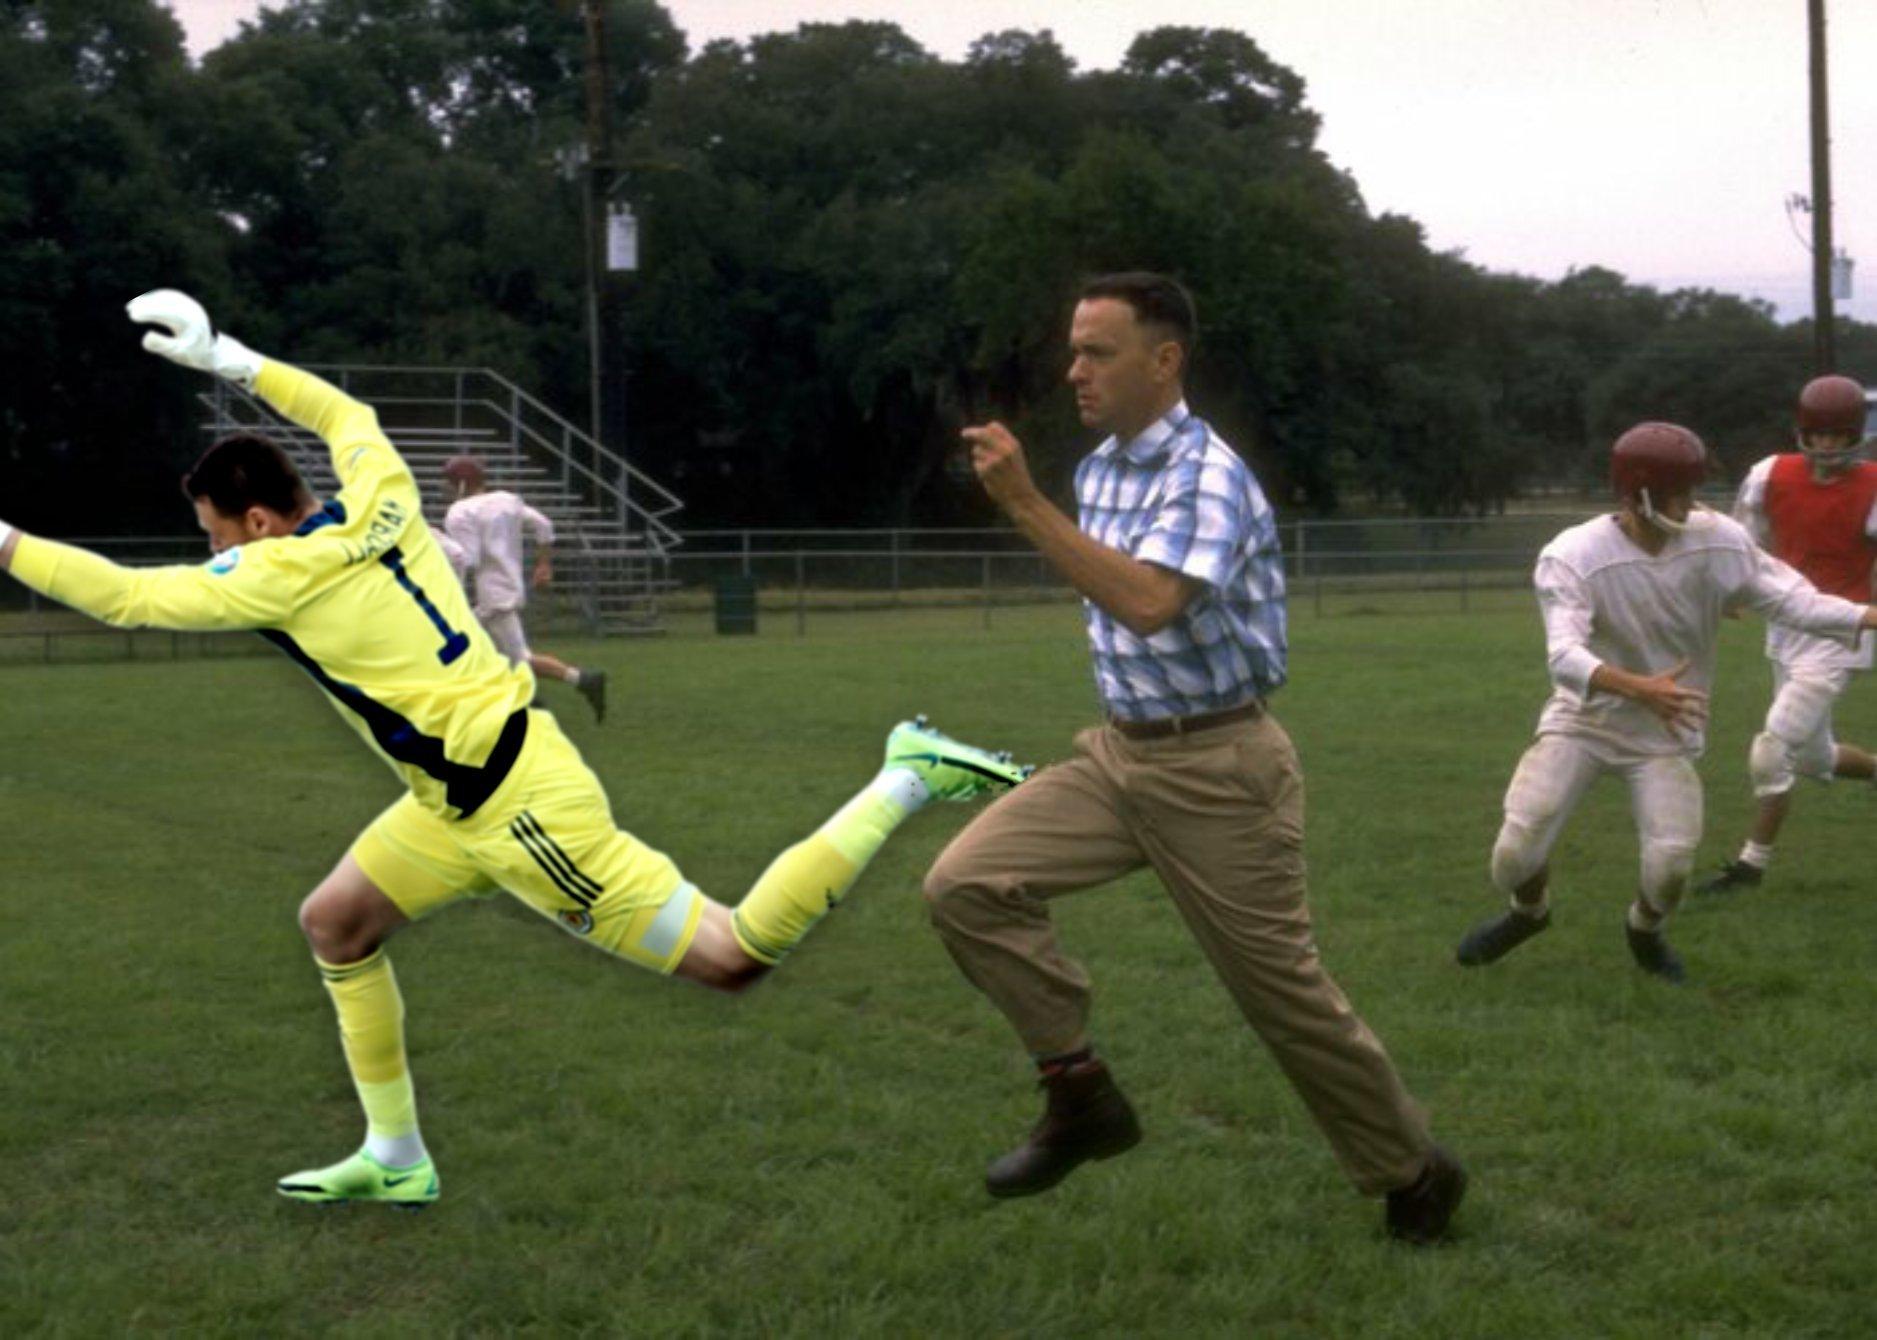 Прыжок вратаря сборной Шотландии Маршалла высмеяли в соцсетях после матча с Чехией (Фото) - изображение 21